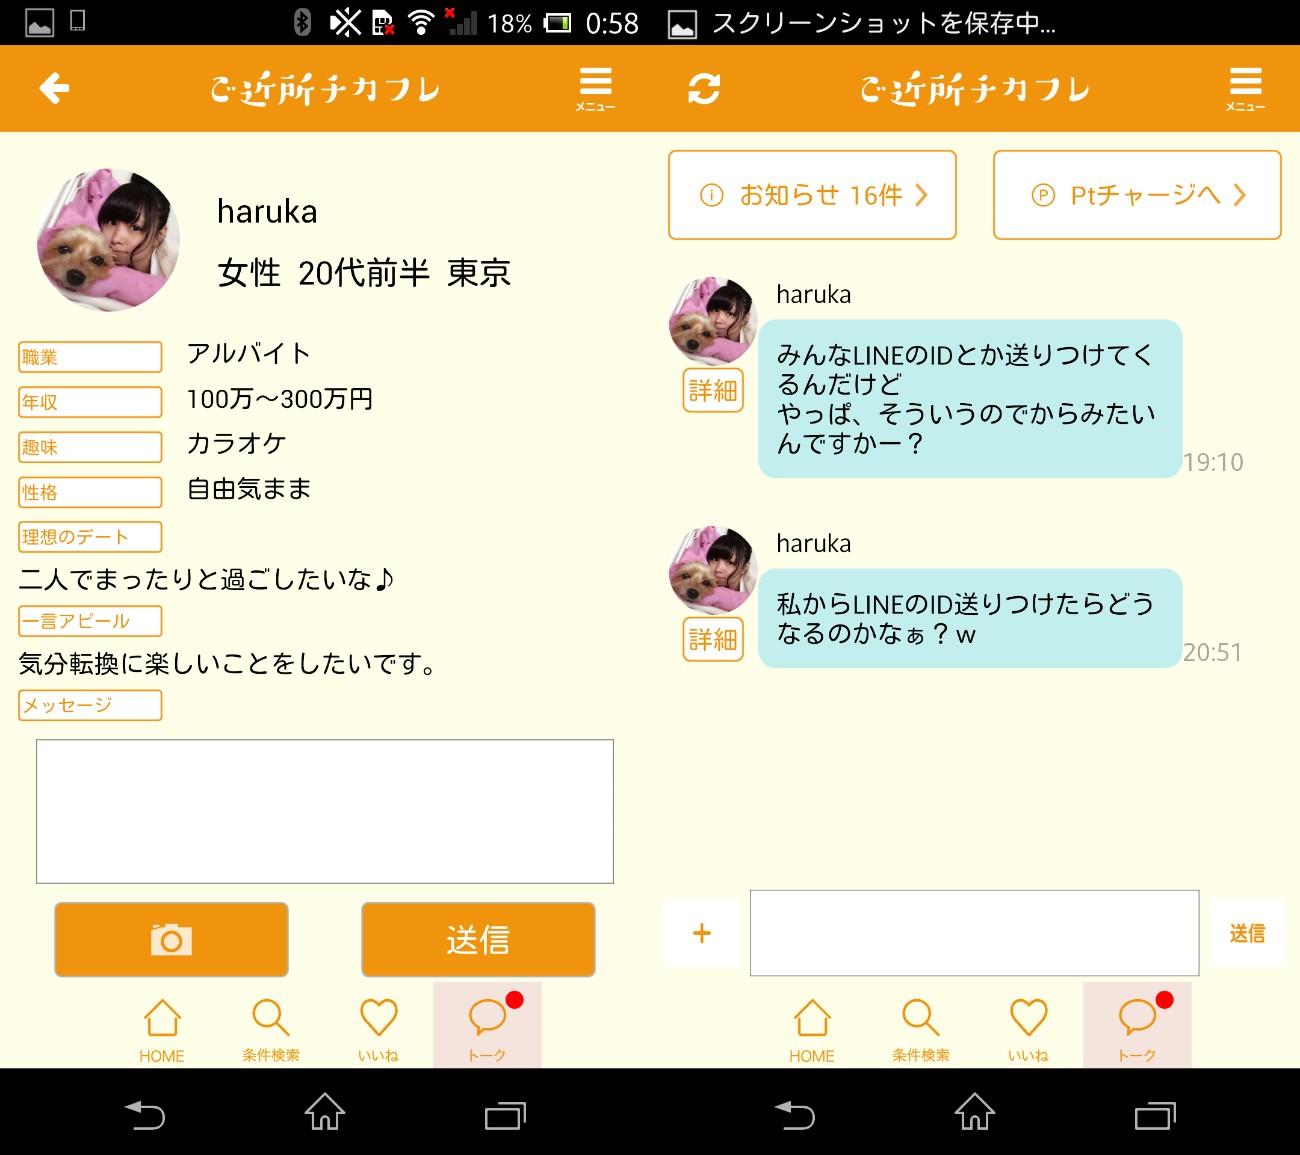 サクラ出会い系アプリ「チカフレ」サクラ